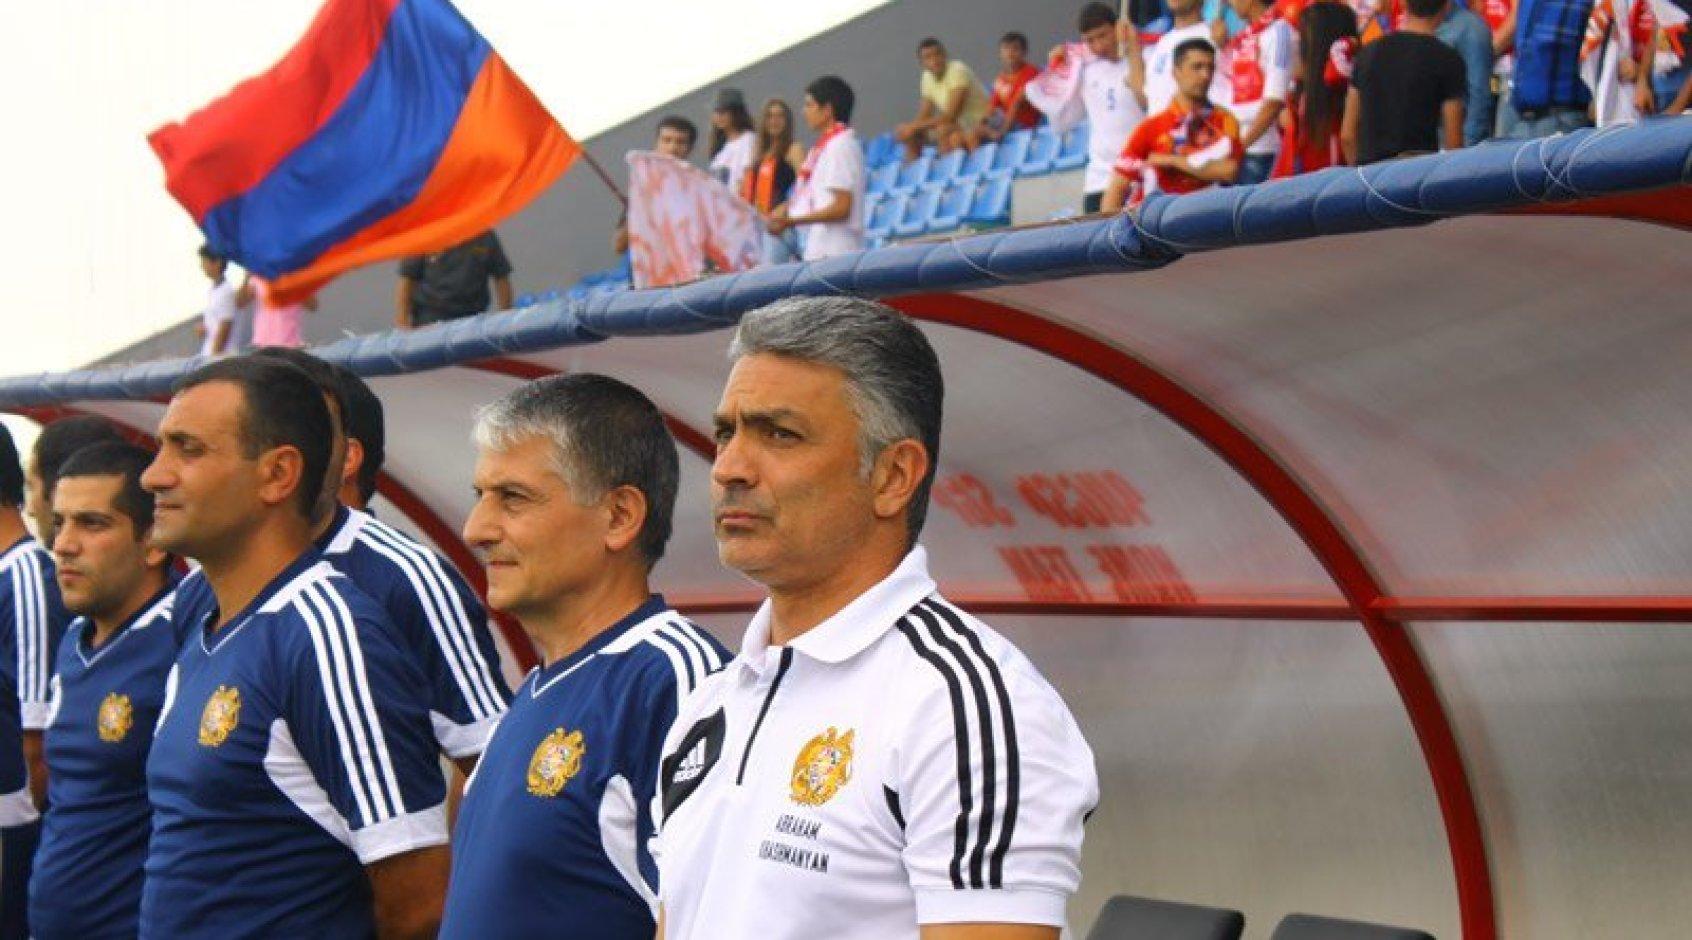 Тренер сборной Армении намекнул на готовность уйти в отставку после разгрома от Италии